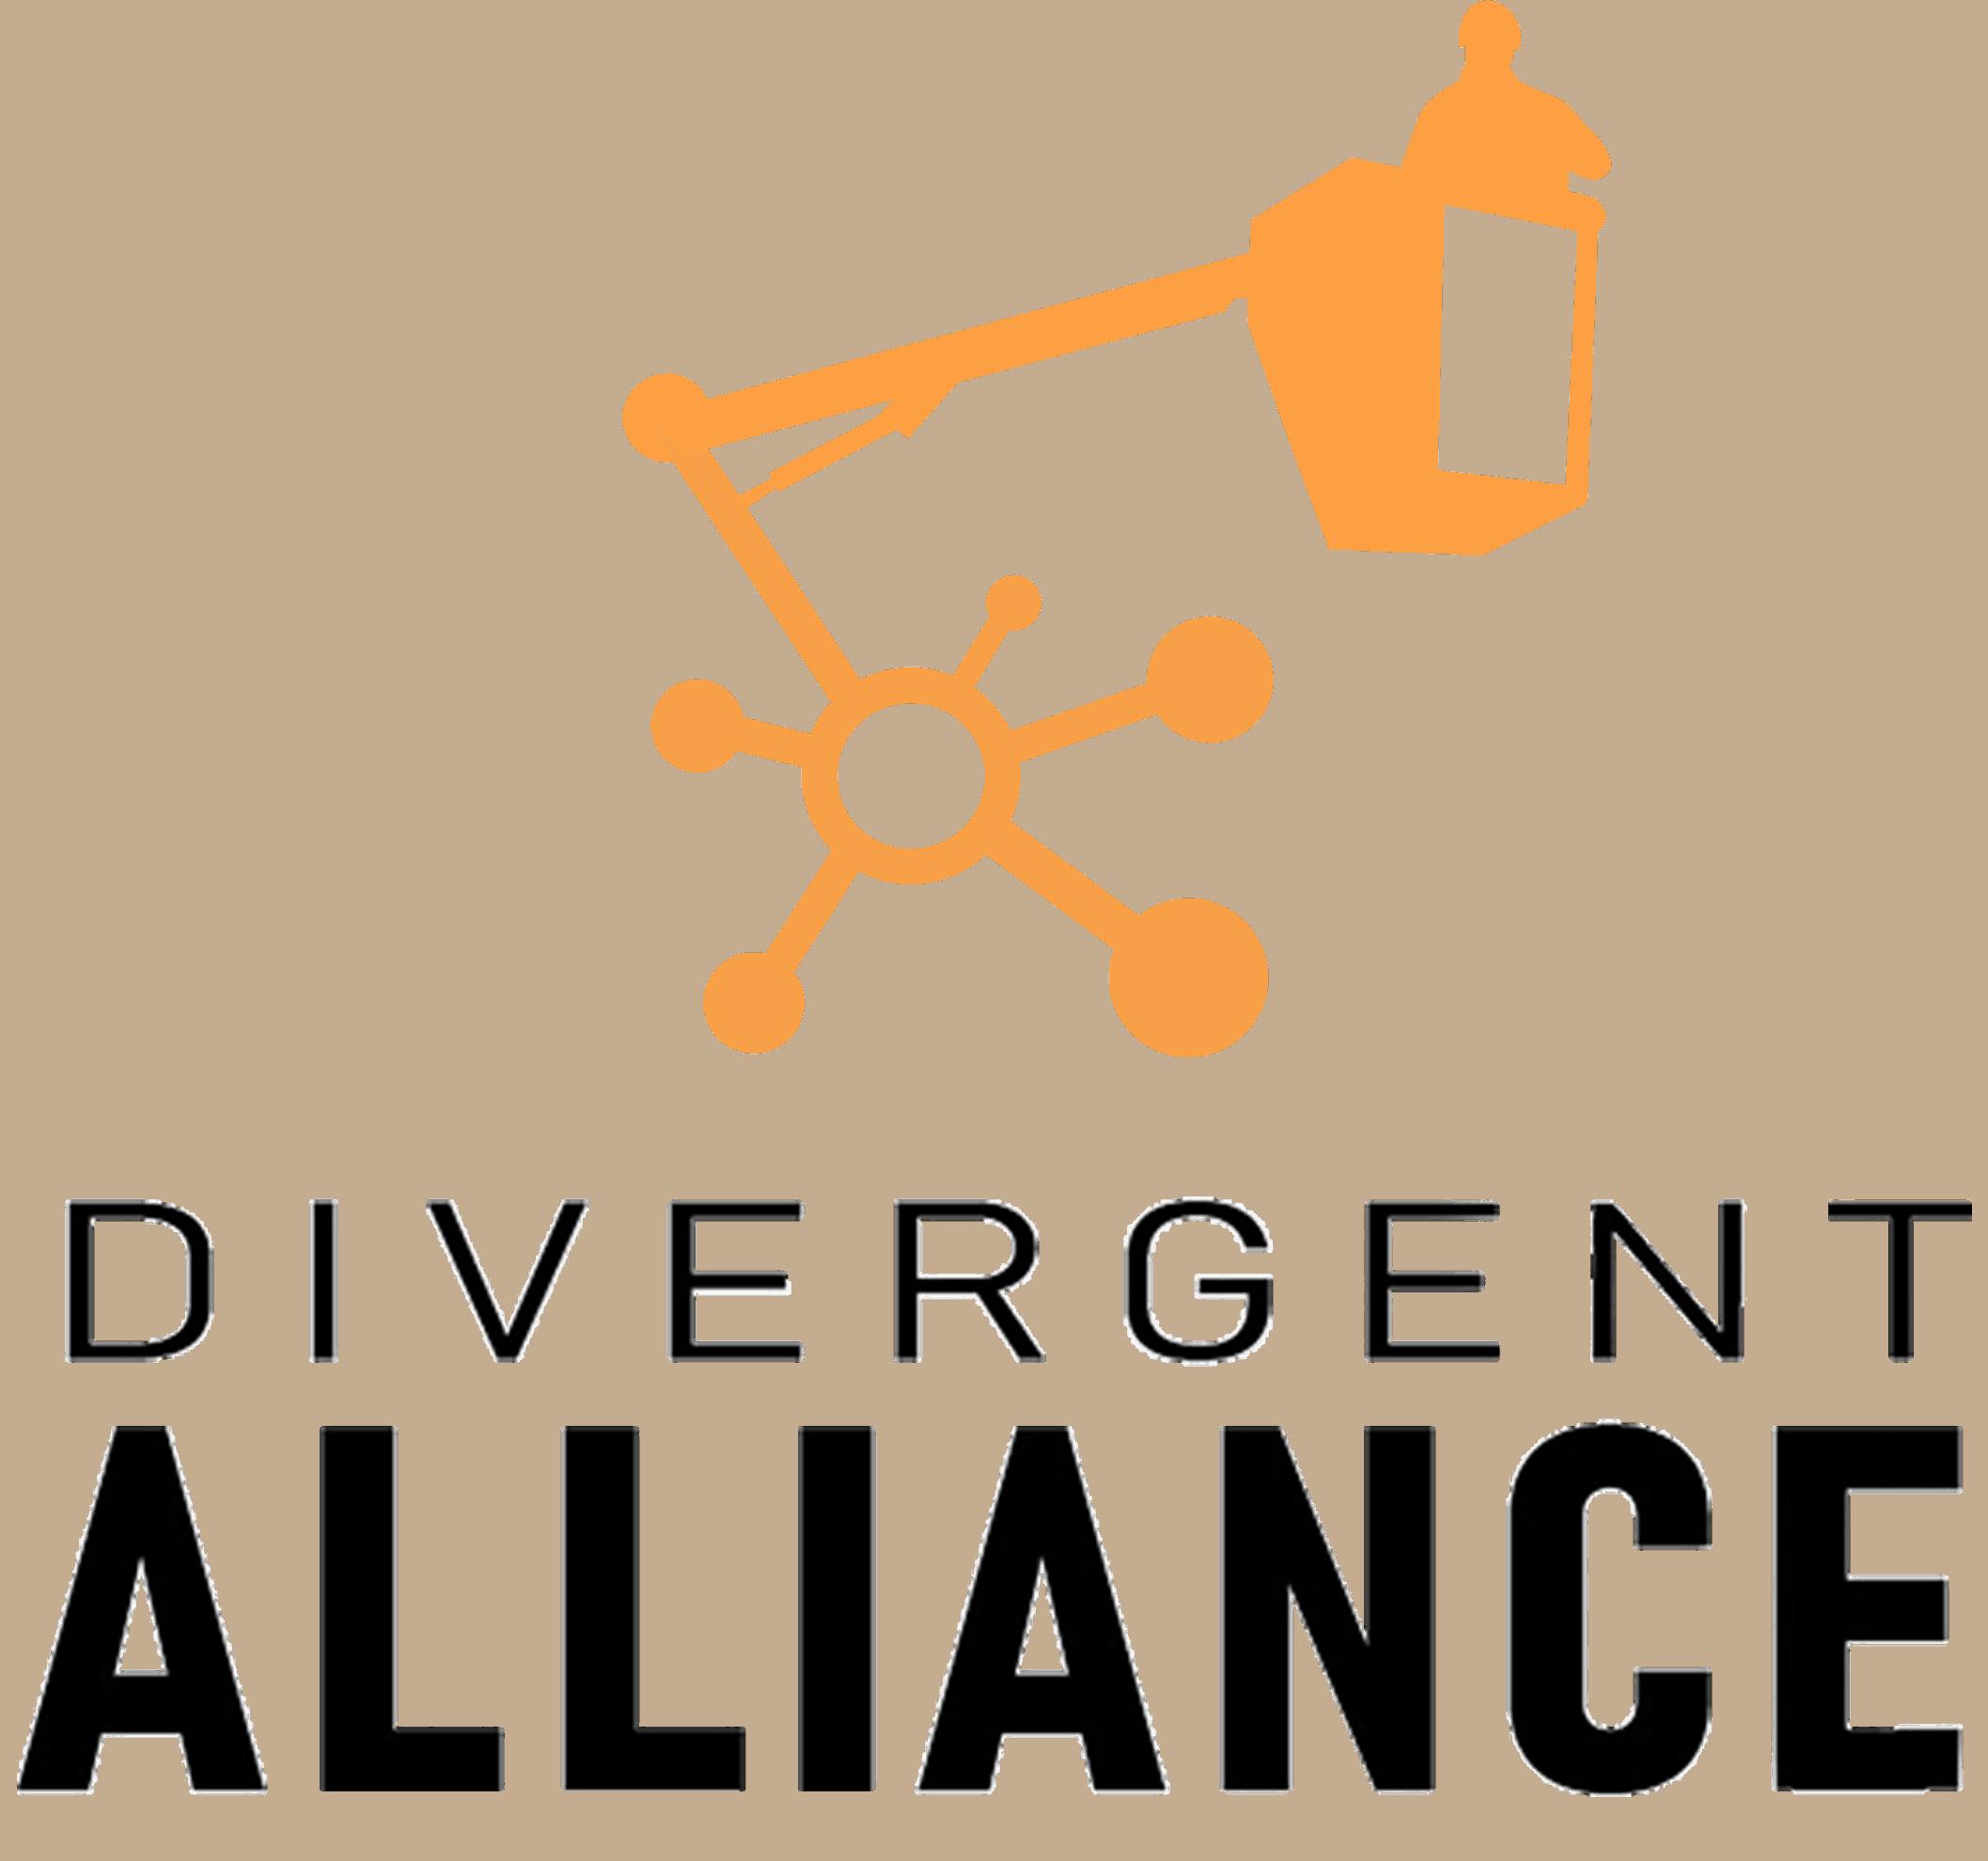 Divergent Alliance logo black